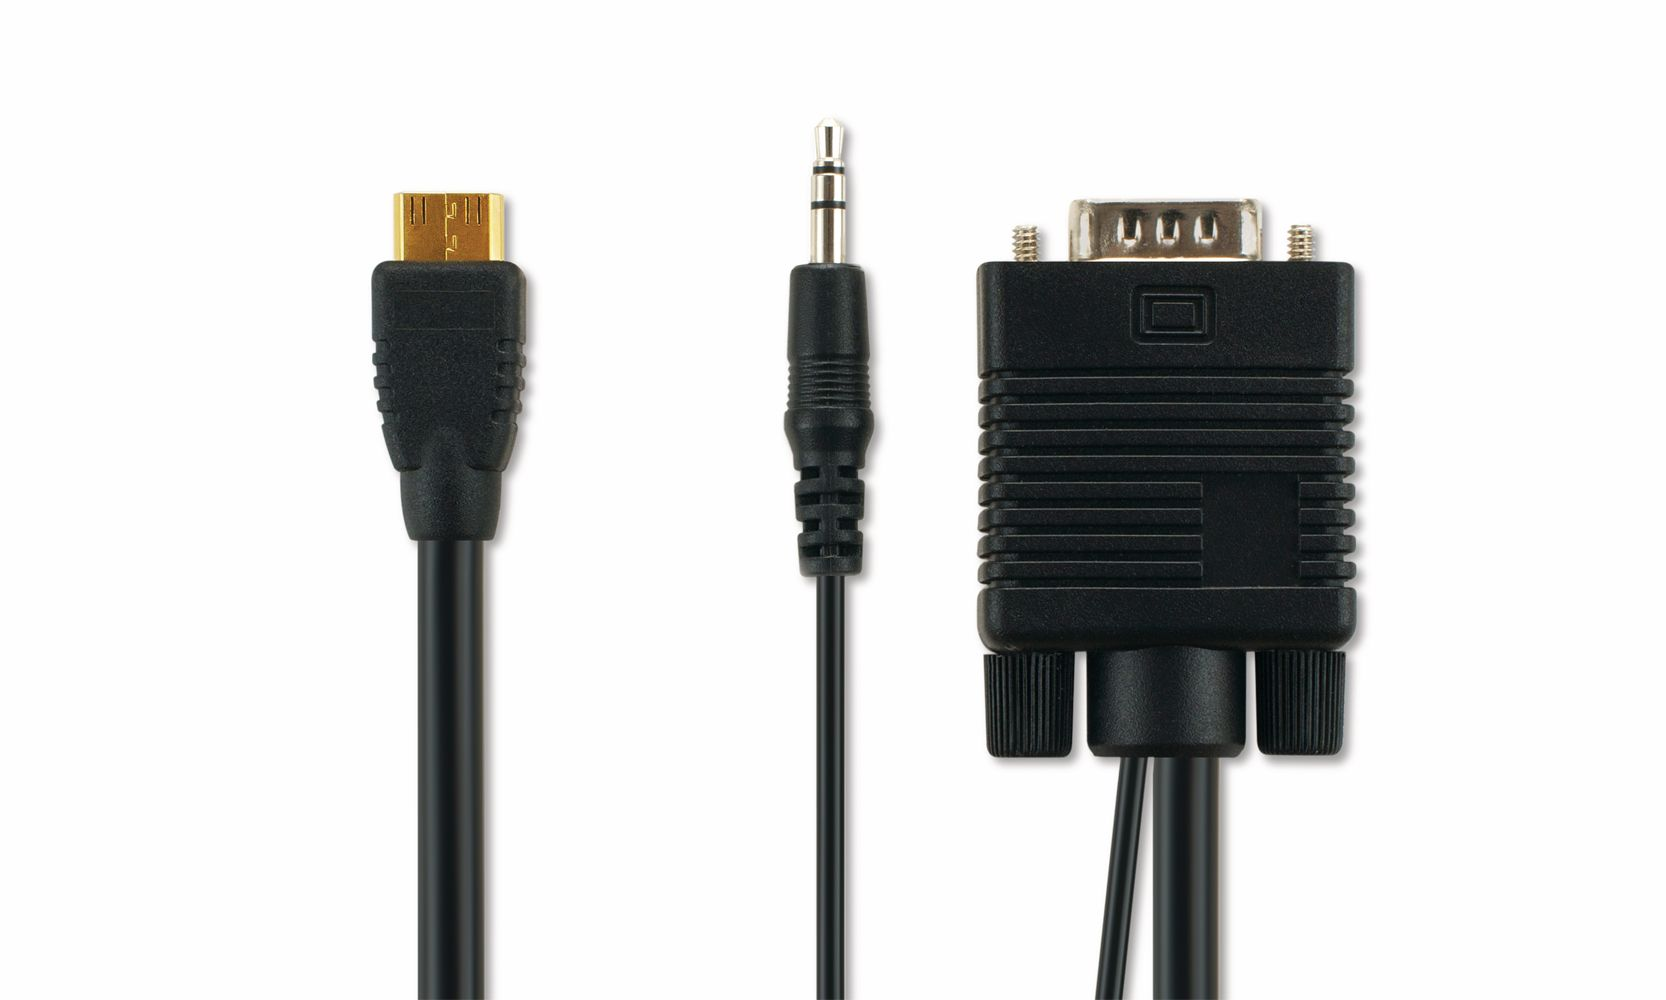 Как выбрать hdmi кабель для подключения компьютера